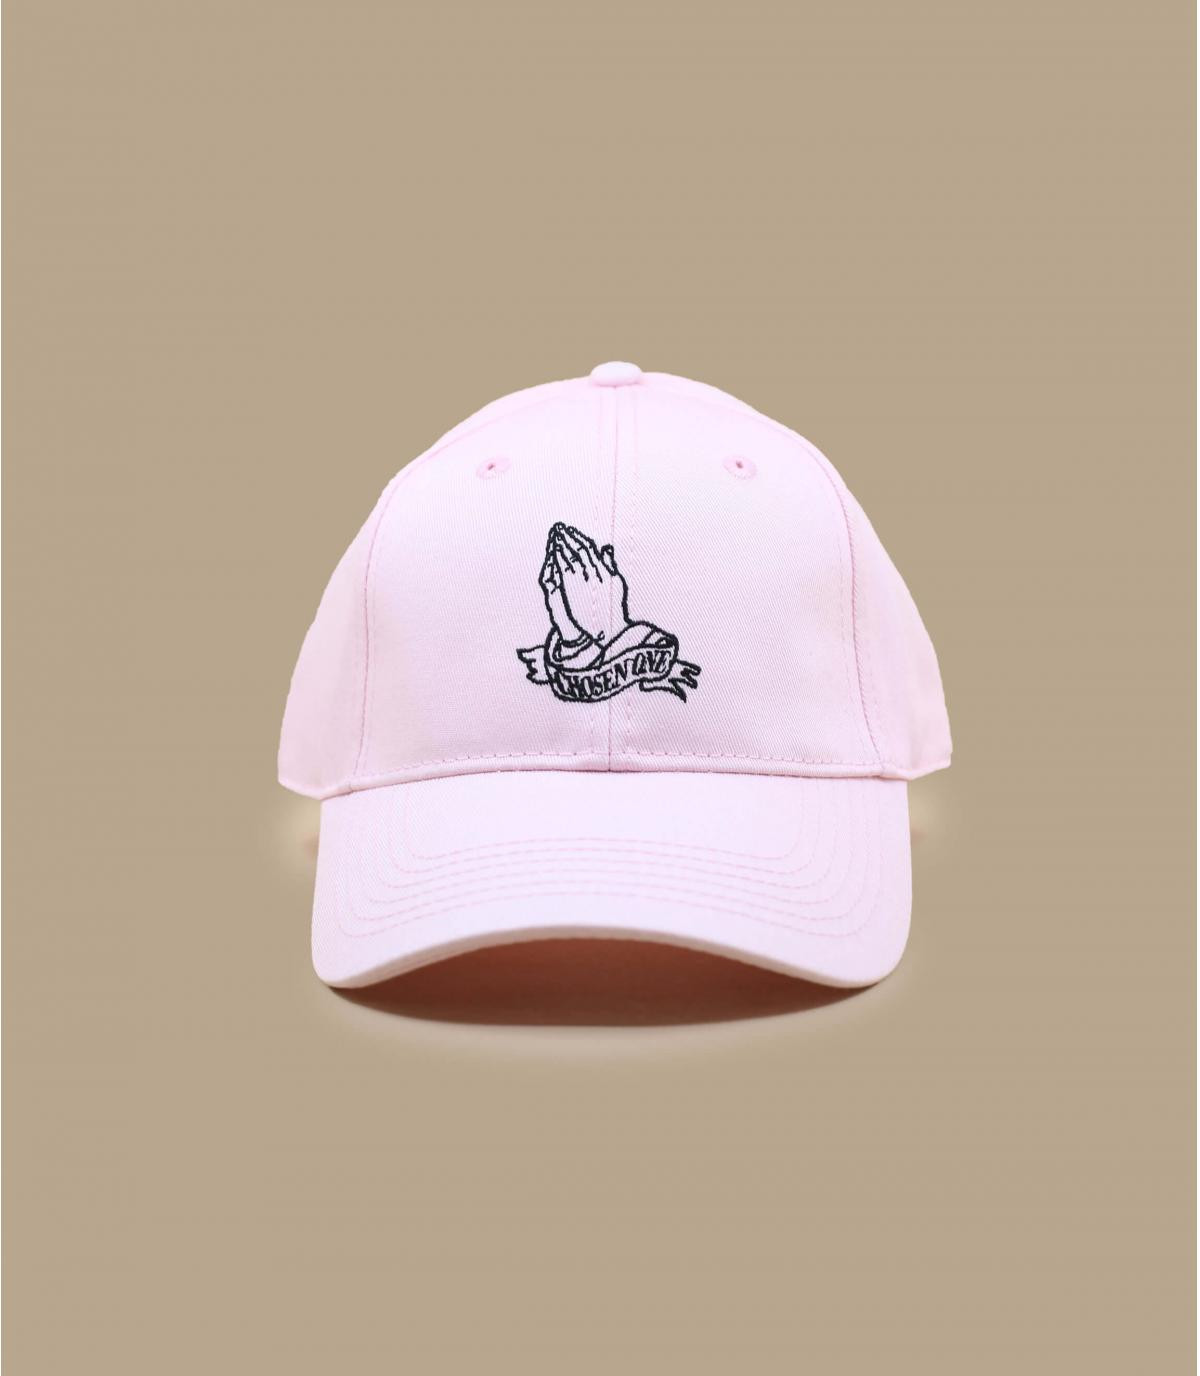 Détails Chosen One Curved Cap pale pink - image 2